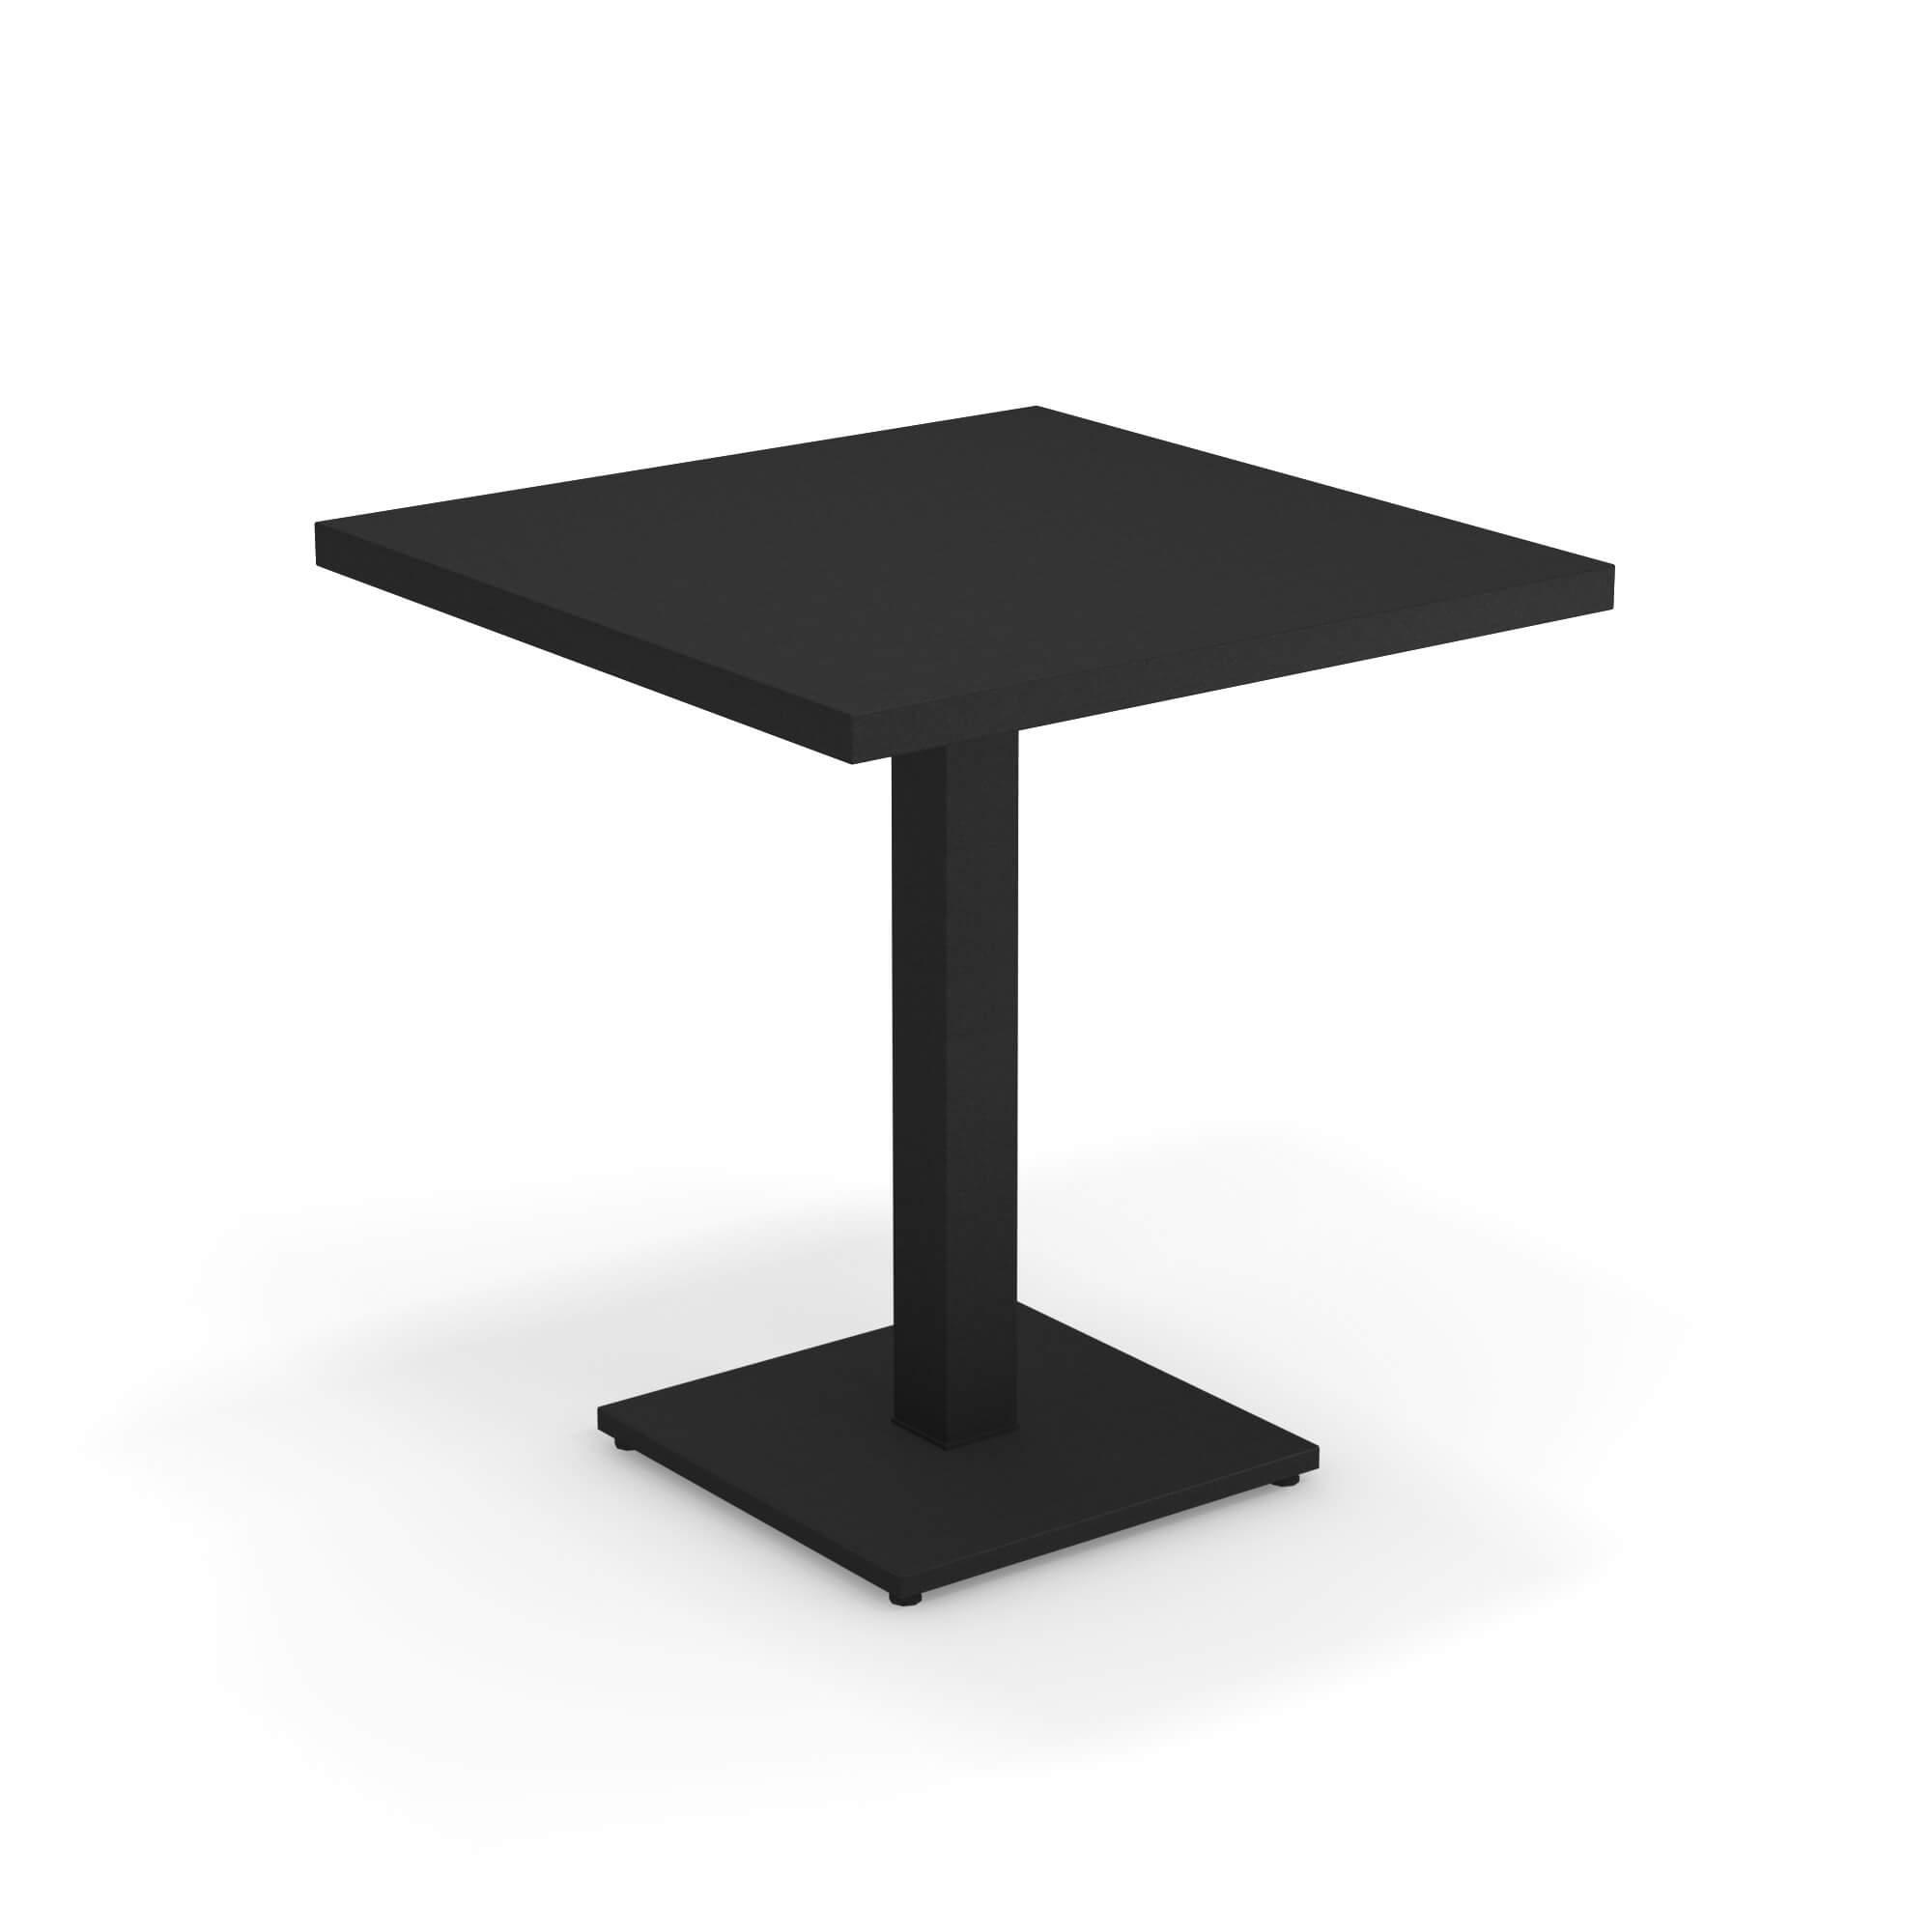 Tavolo Quadrato Allungabile Da Esterno.Tavolo Quadrato 70x70 Da Giardino Esterno In Acciaio